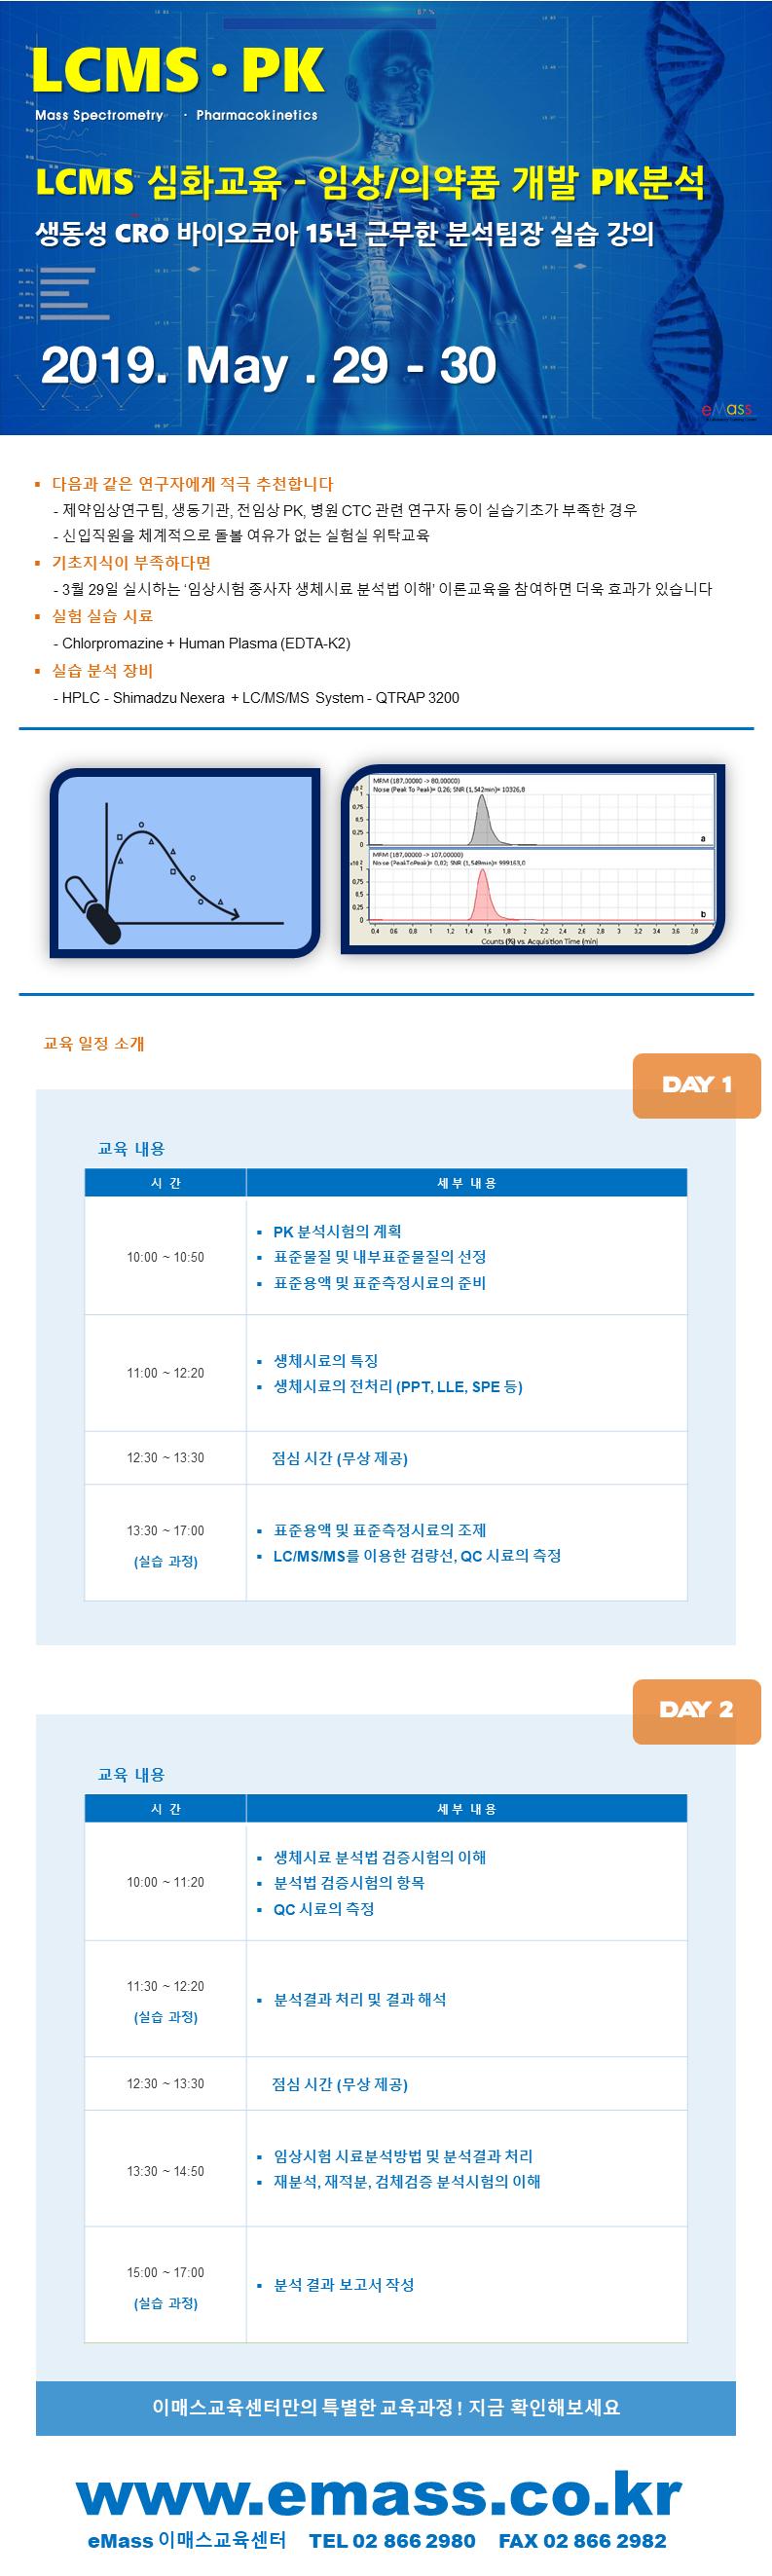 5월 29일-30일 PK 임상_Ver2.0.png